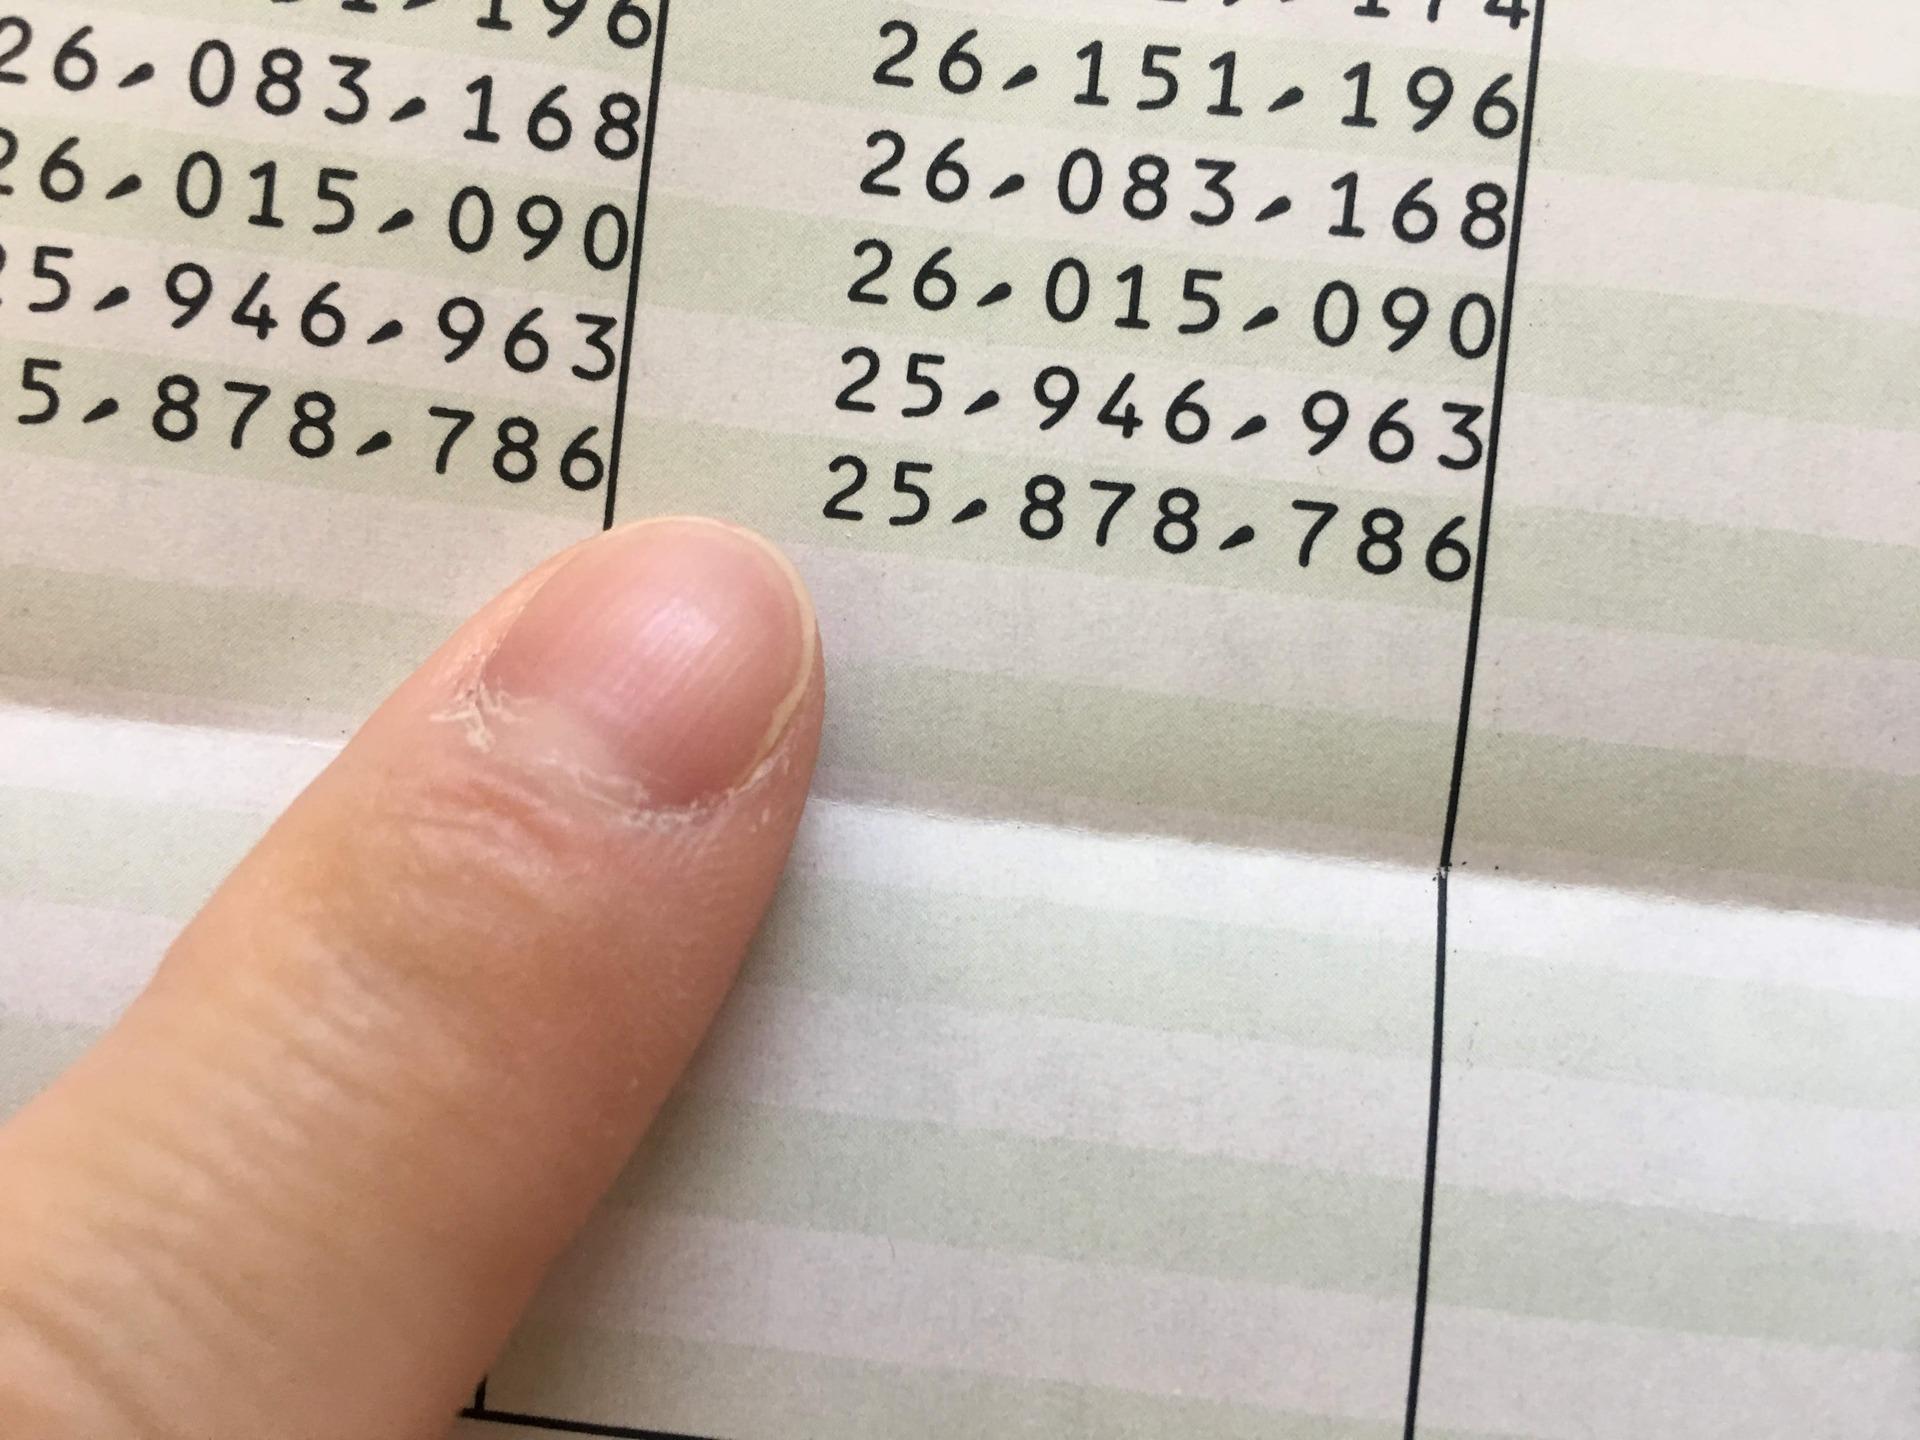 ワーキング ママ くぅ さん の 時短 節約 術 目指せ 1000 万 円 貯金